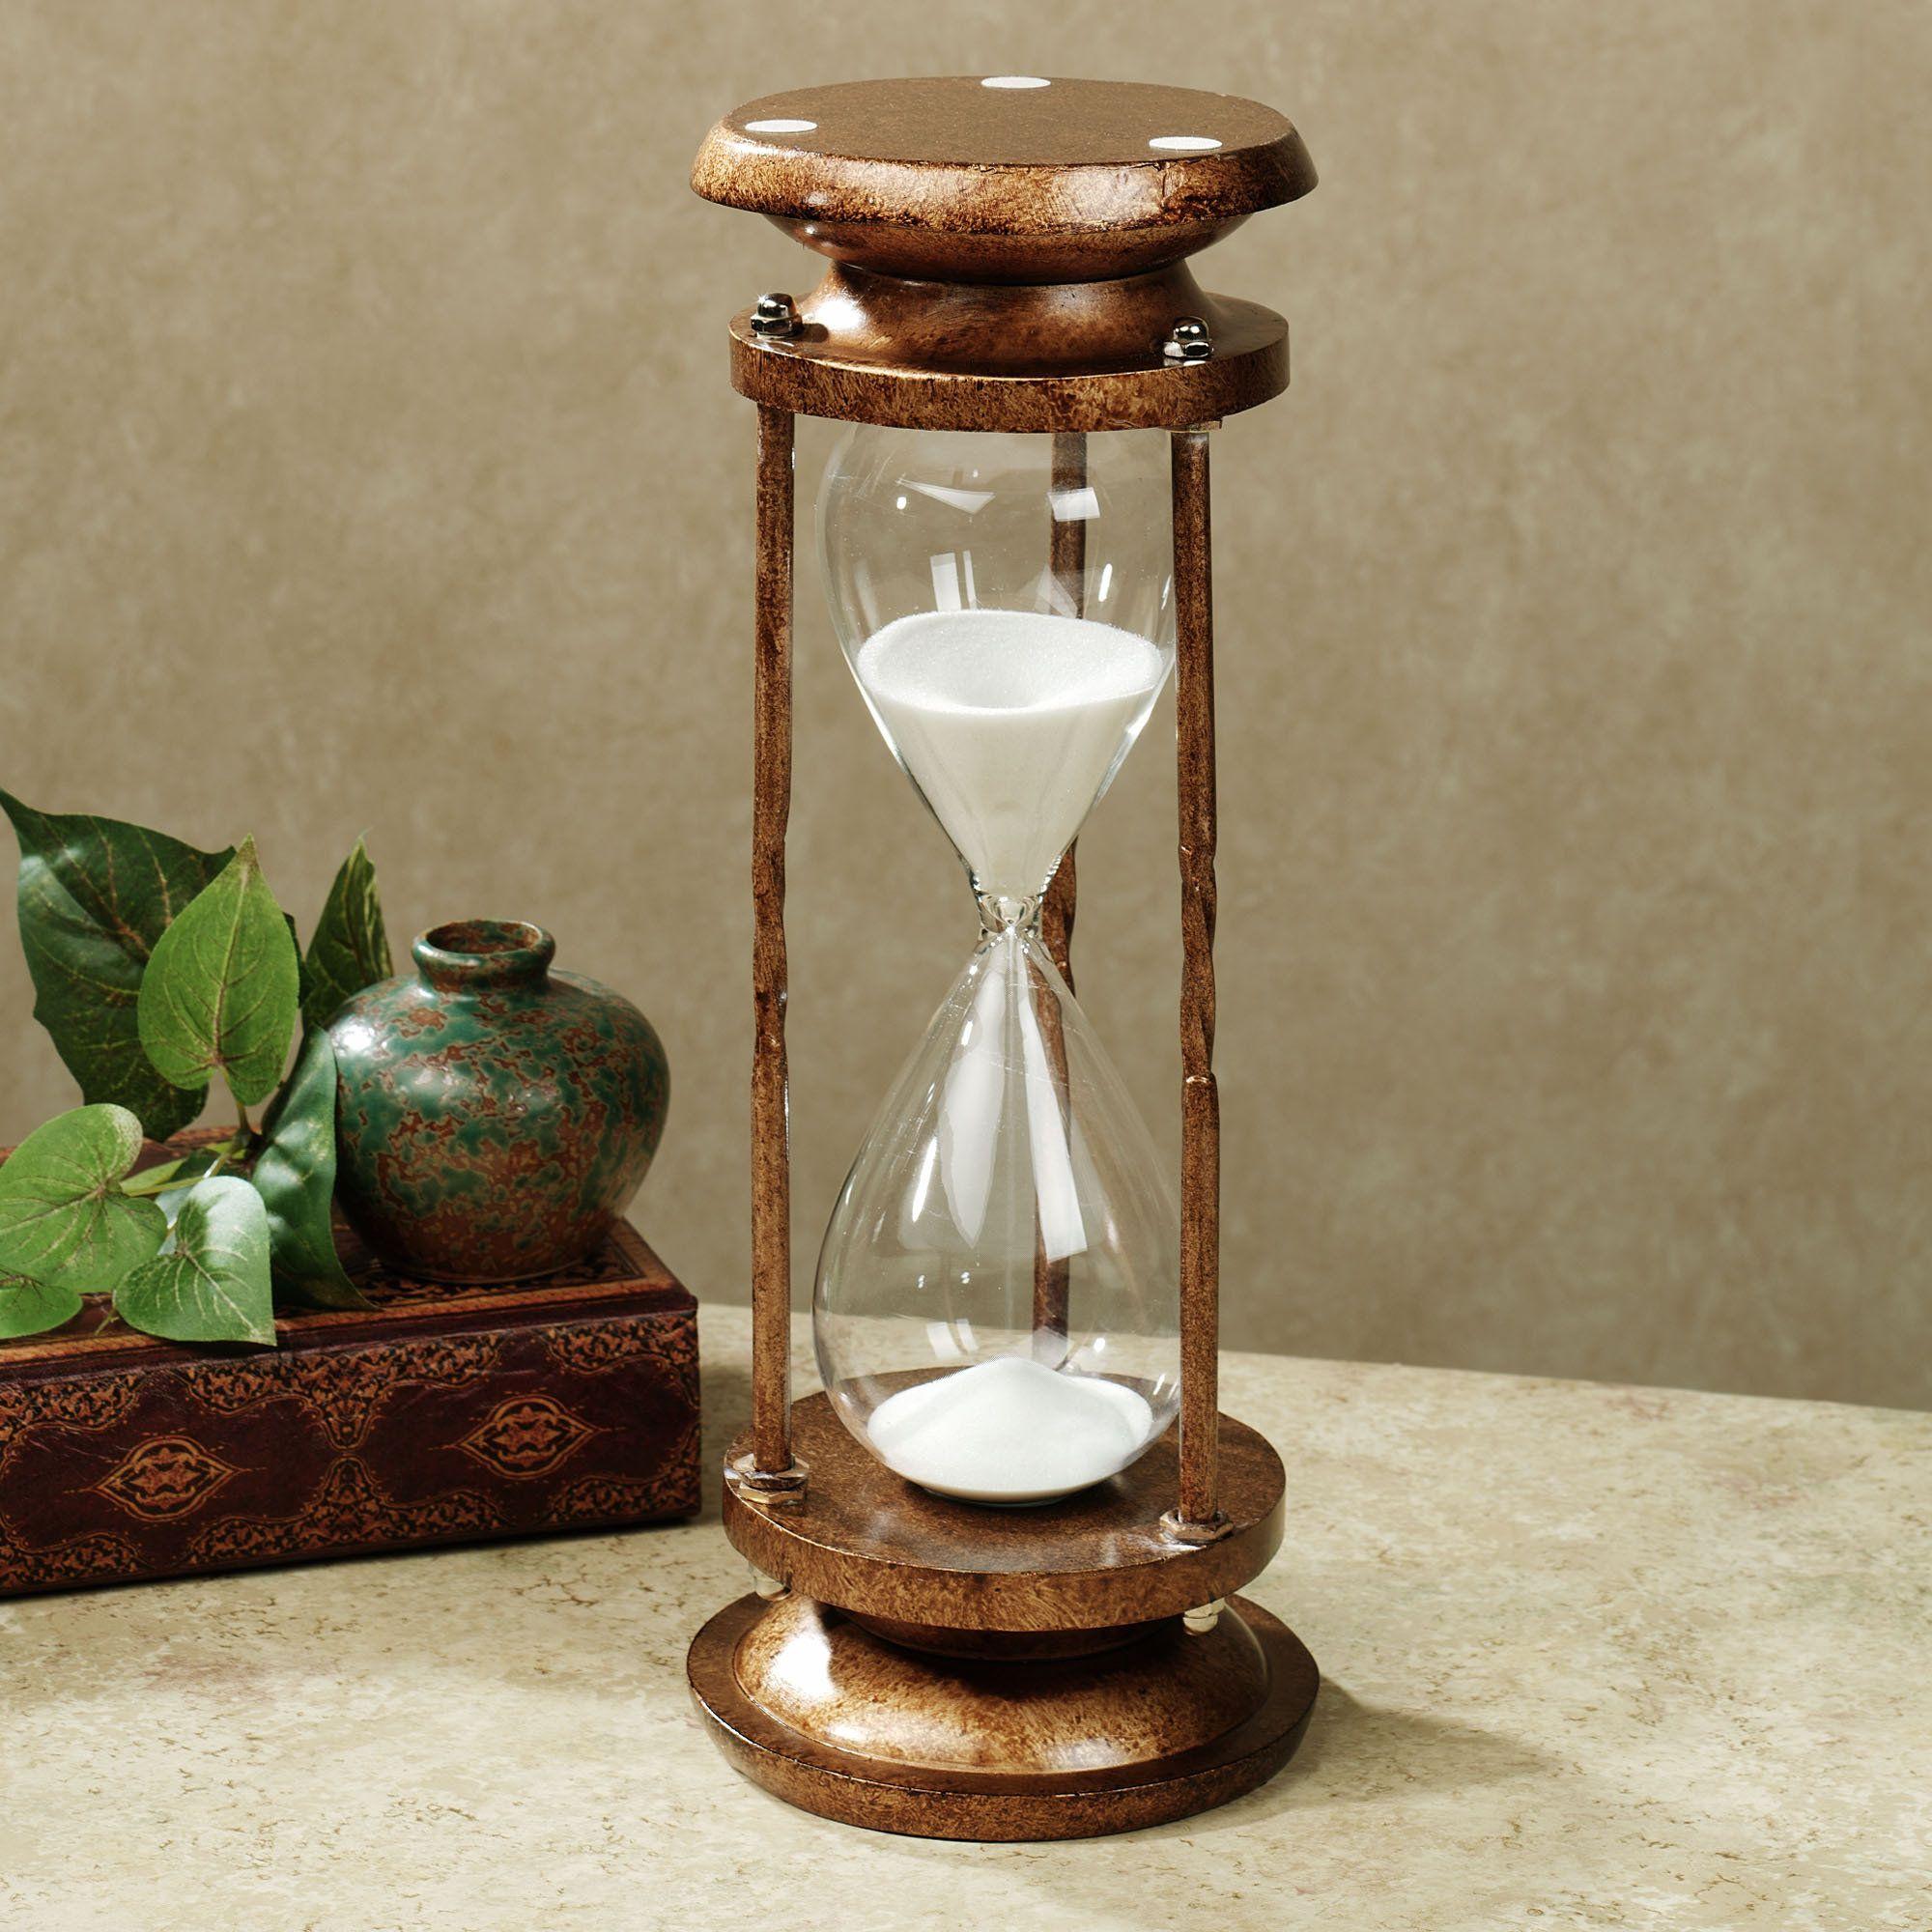 часы песочные до краев наполнены фотографии проект оборудован